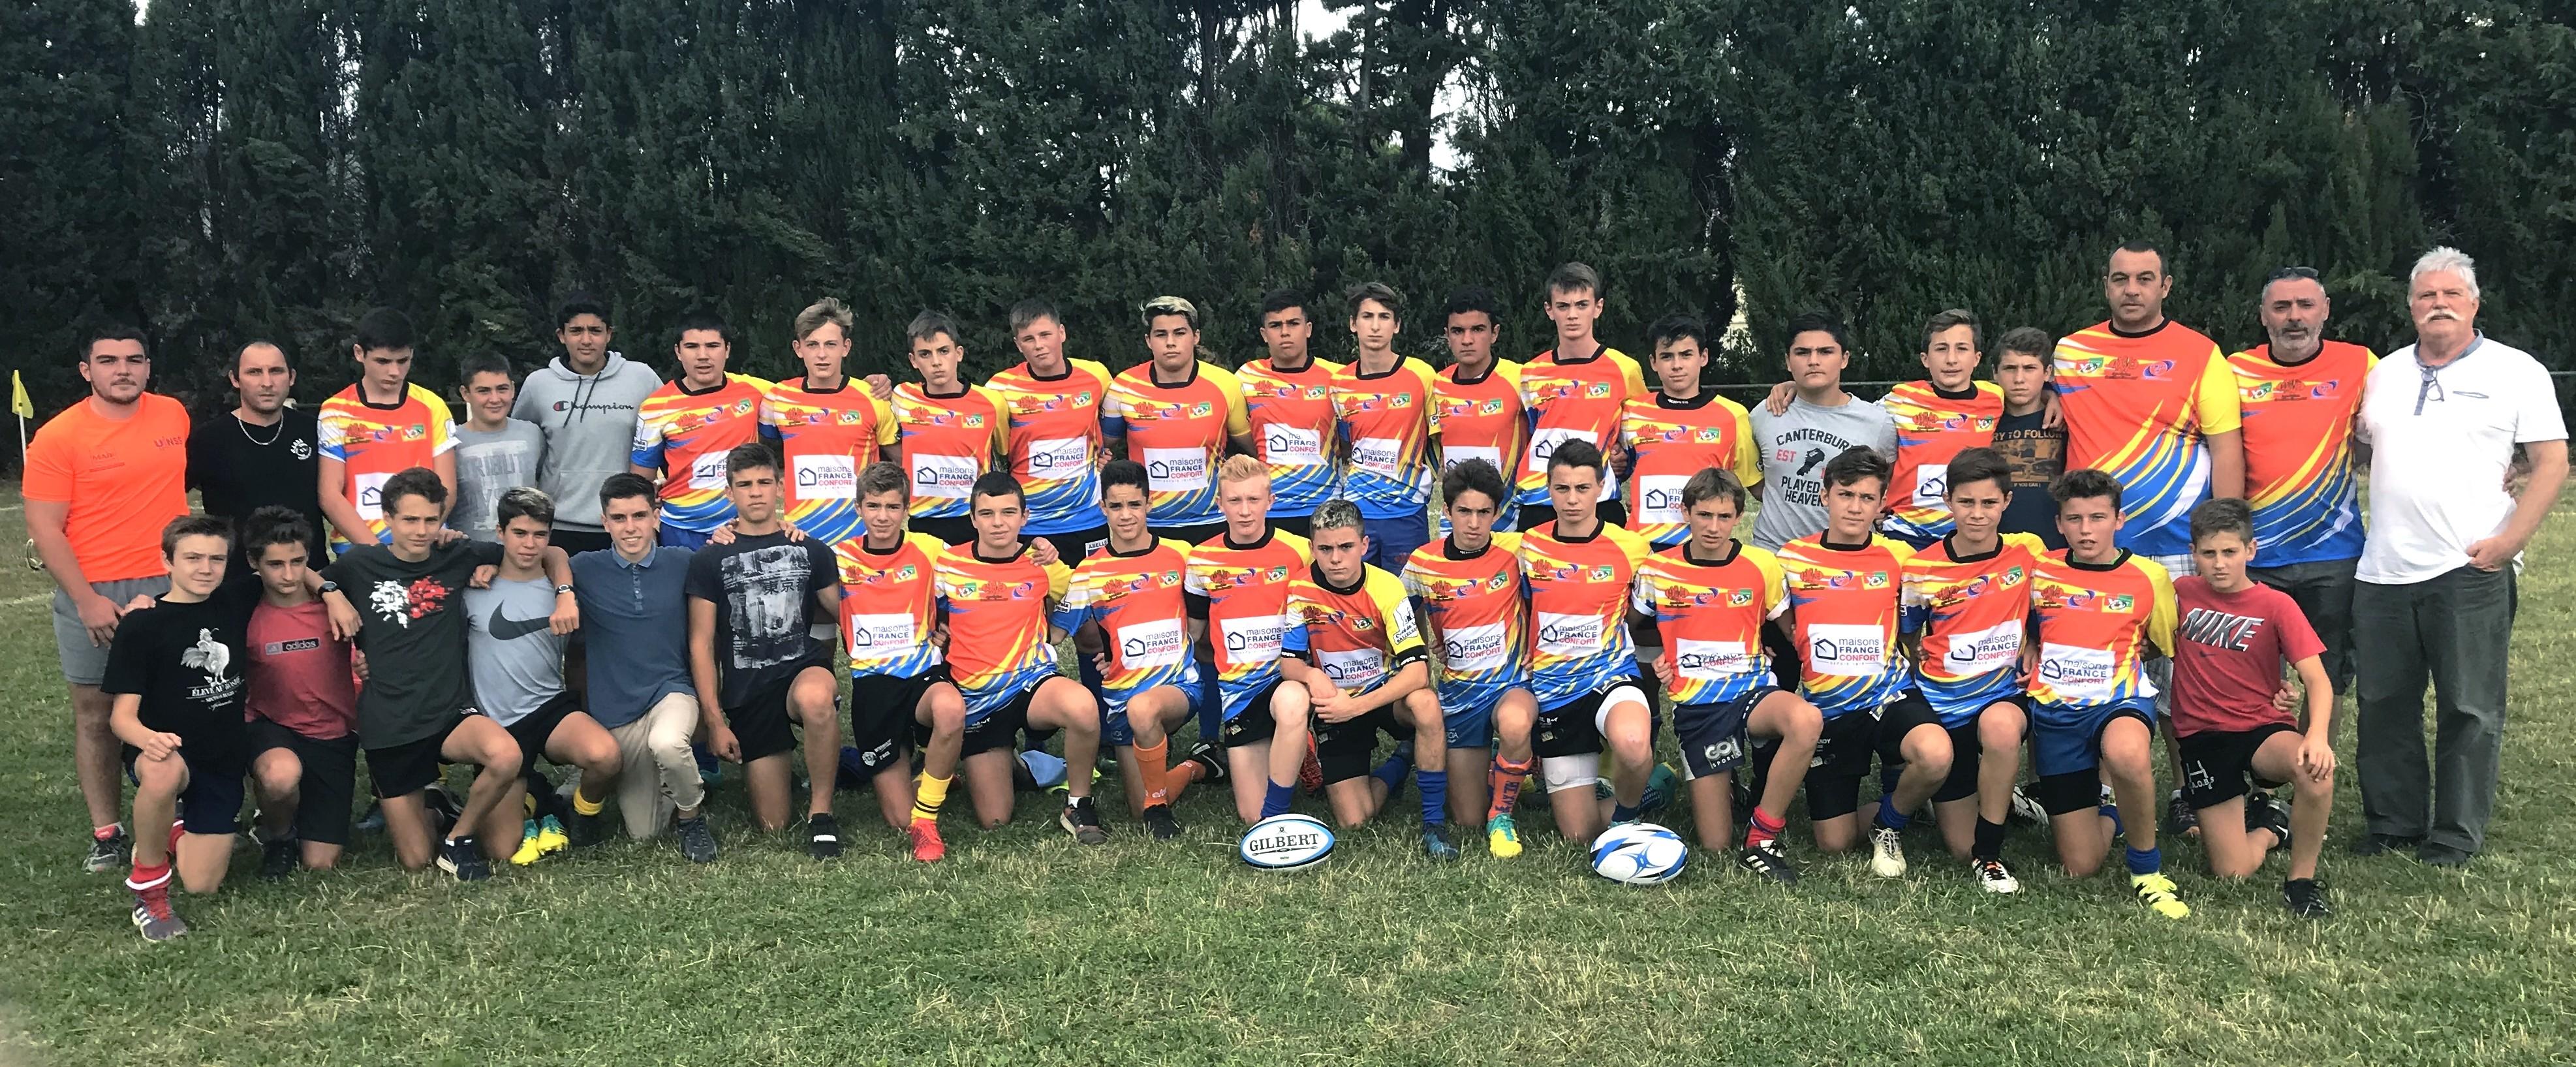 EQUIPES 2019 - Cadets 2018B